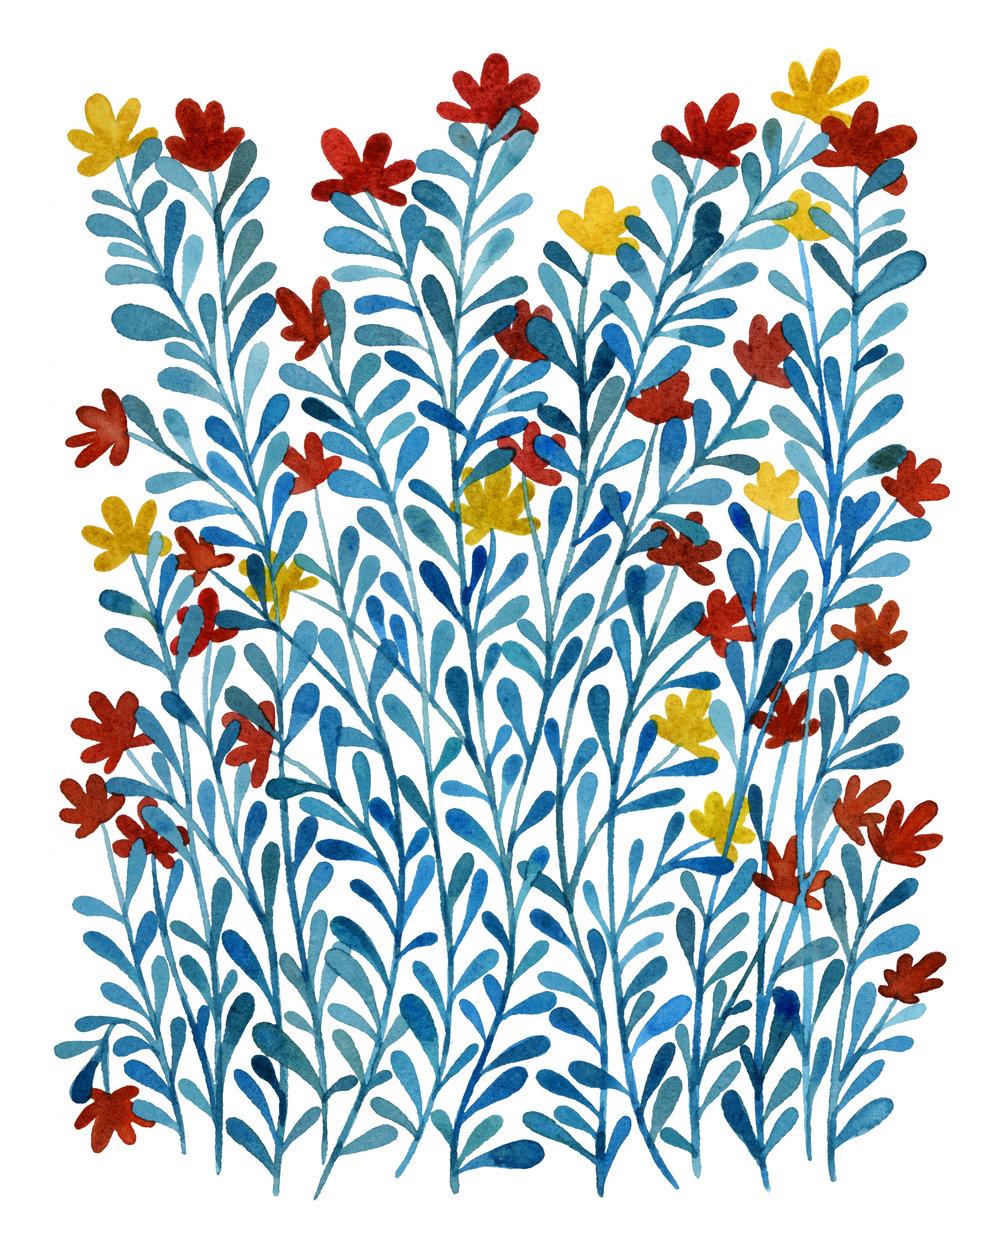 red_yellow_flowers_8x10.jpg